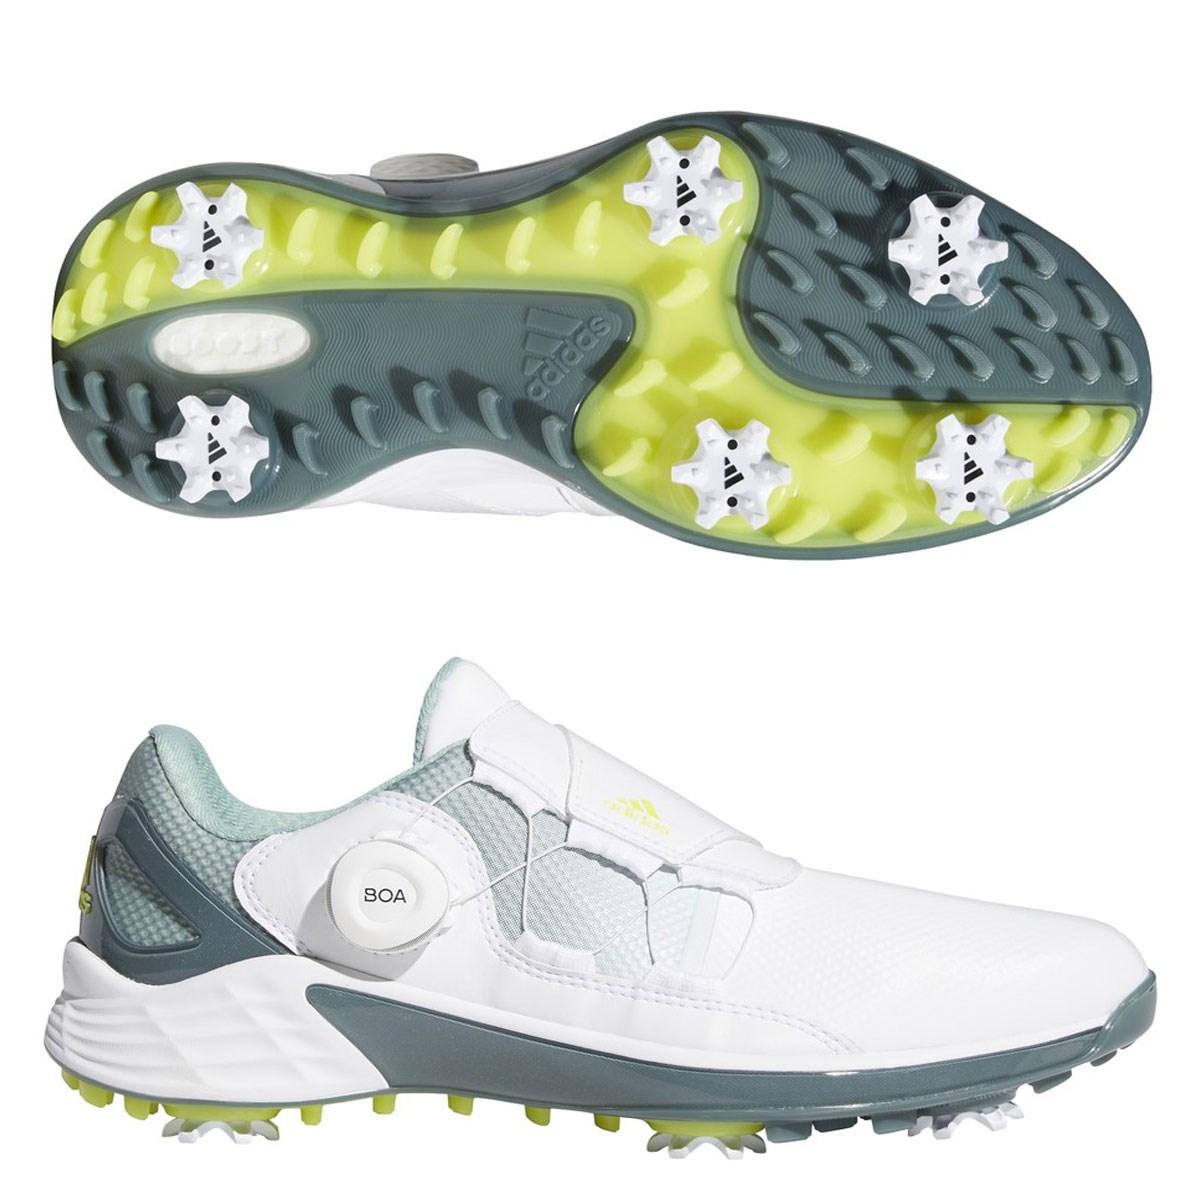 アディダス Adidas ゼッドジー21ボアシューズ 24cm フットウェアホワイト/アシッドイエロー/ヘイジーグリーン レディス